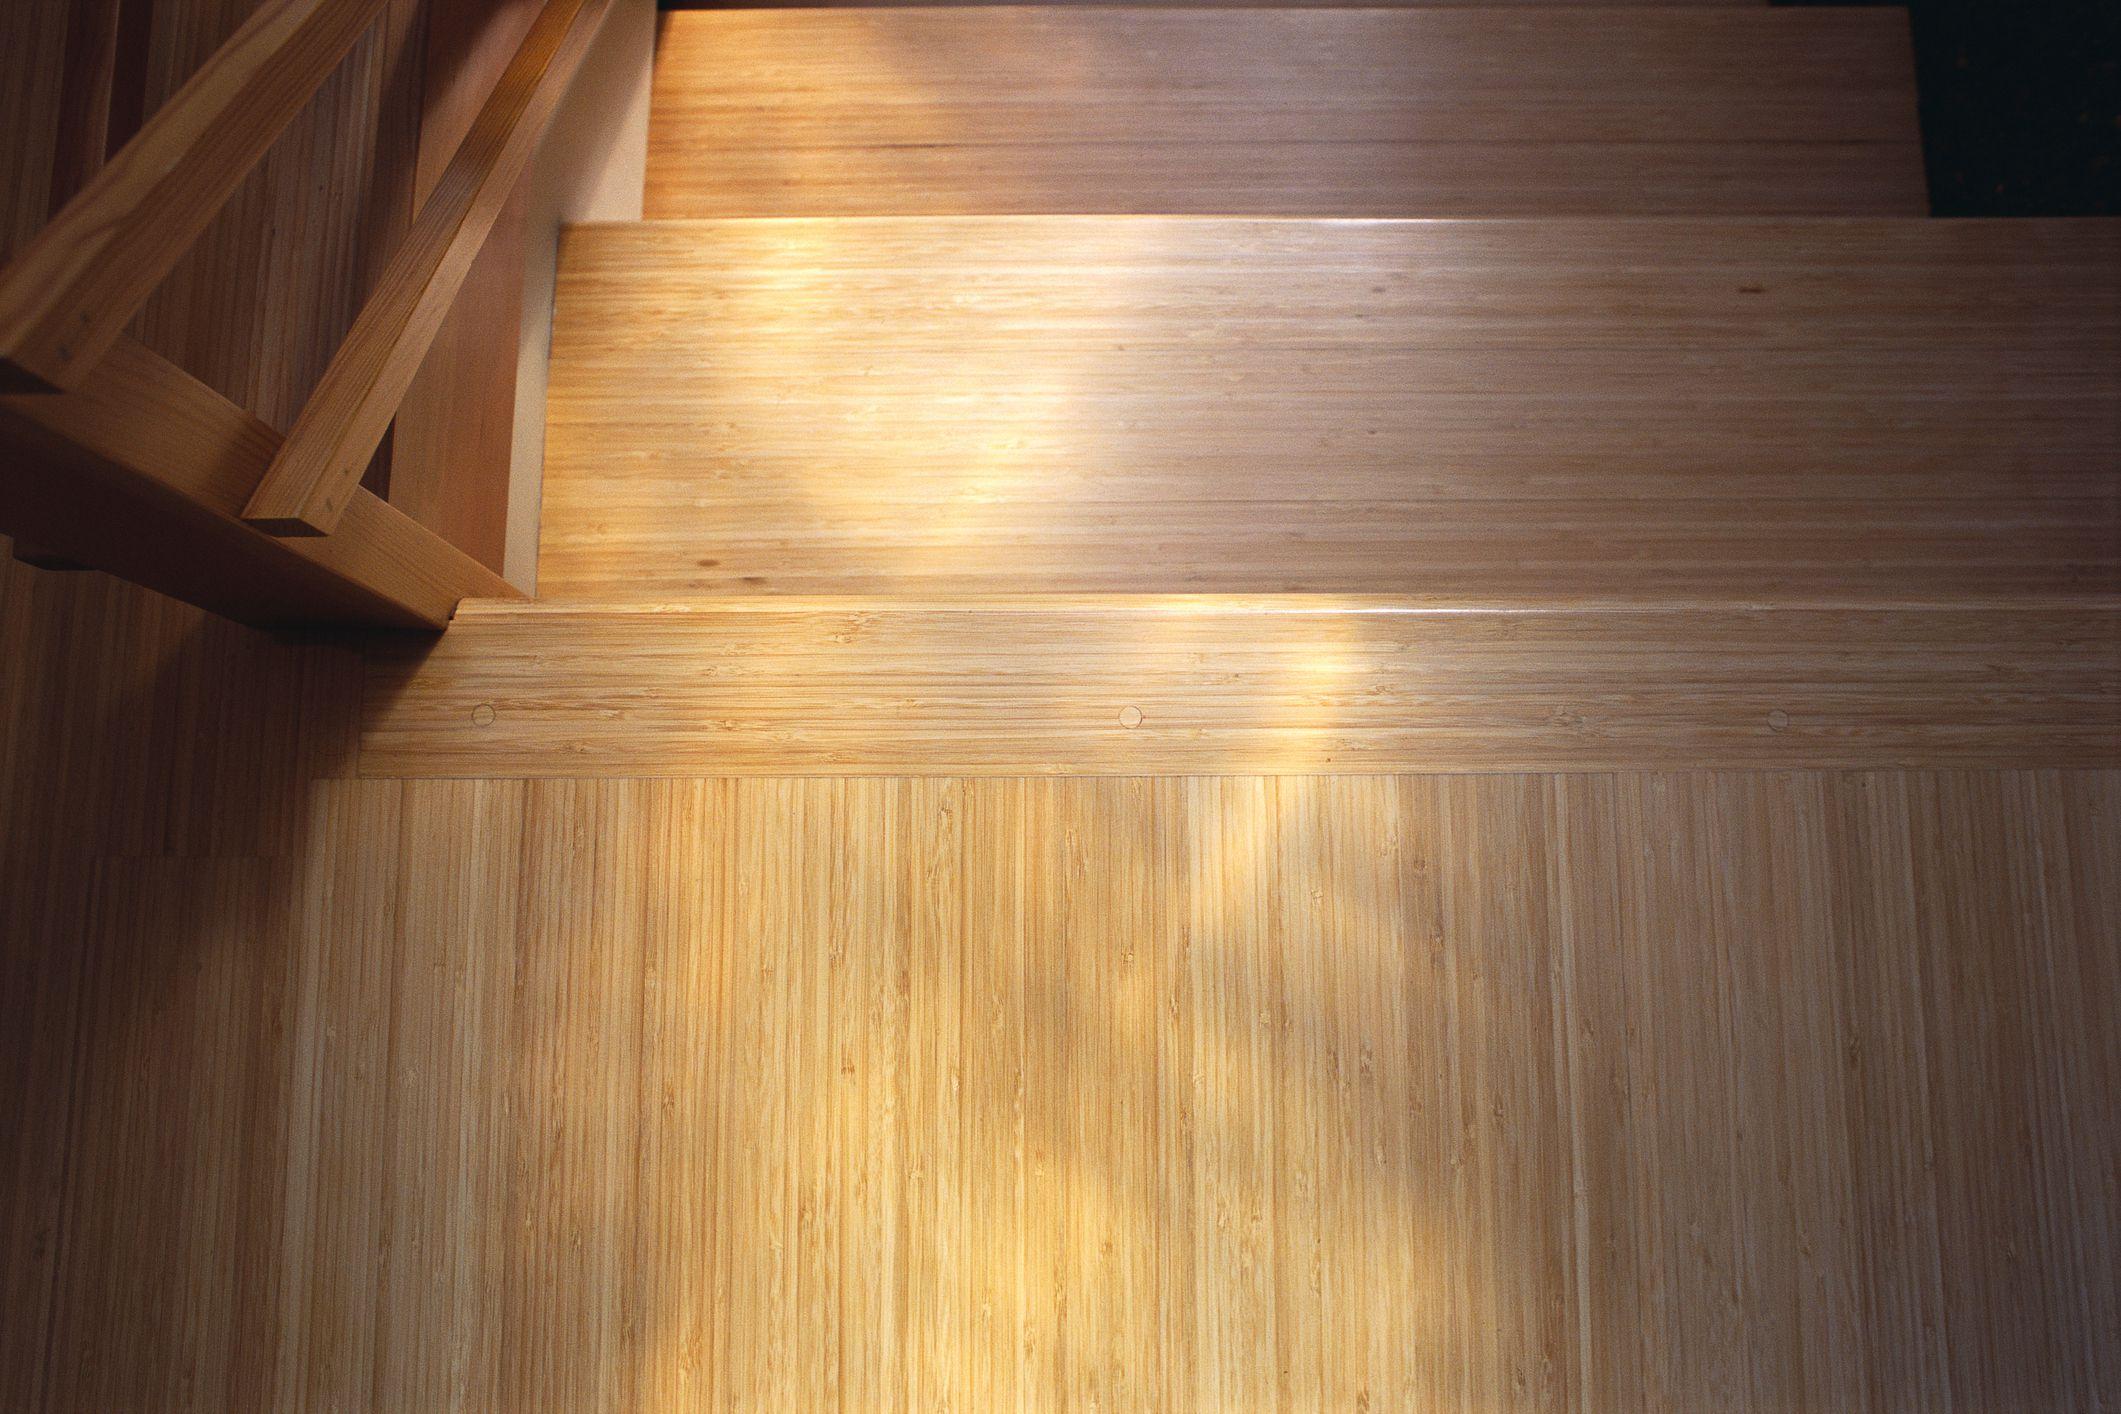 Best Flooring For High Traffic Kitchen